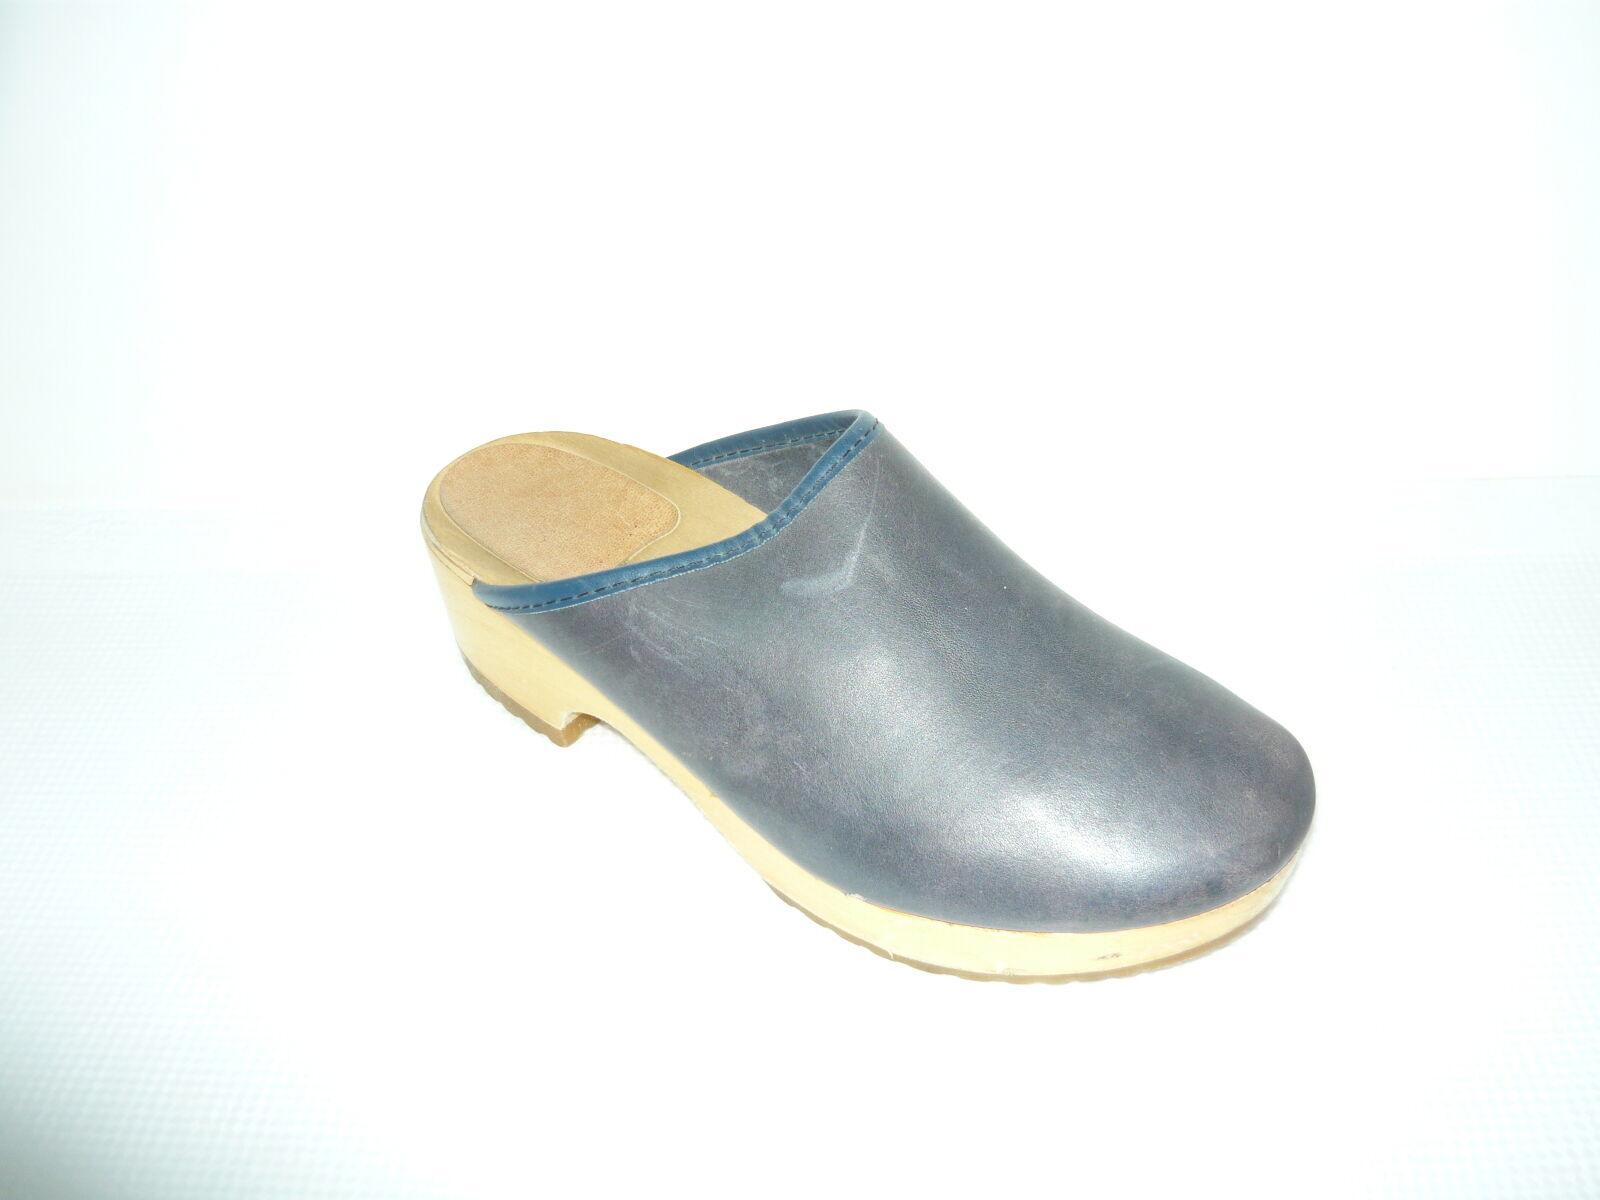 Bleu Cuir Confort Mules Sabots Taille 38 7.5-8